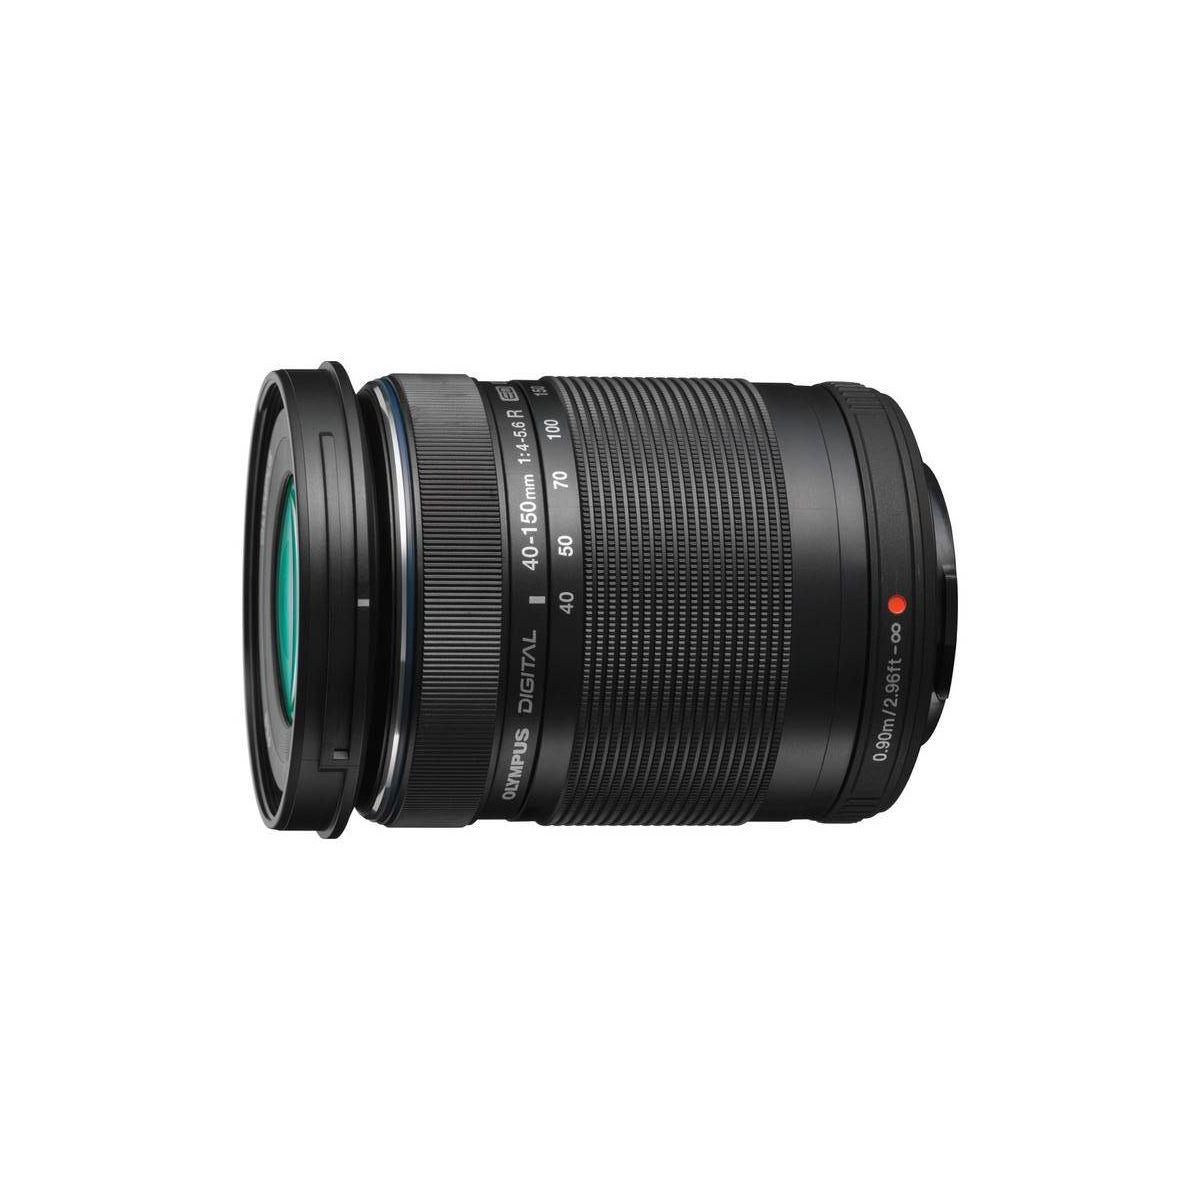 Objectif pour Hybride OLYMPUS 40-150mm R f/4.0-5.6 noir M.Zuik...